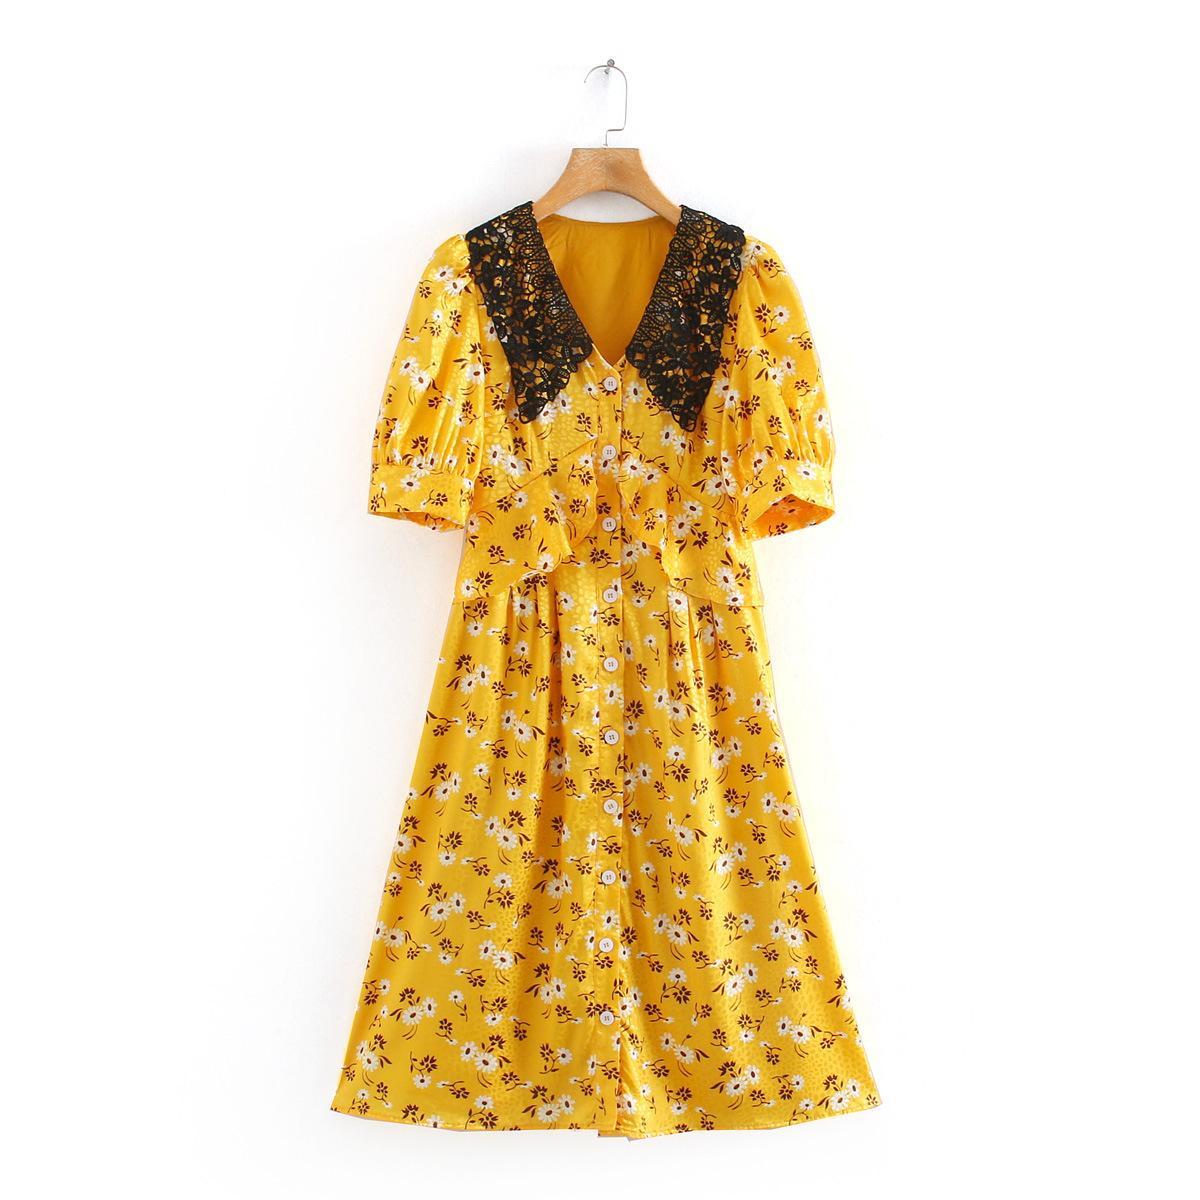 Frauen Blumendruck Bohemian Kleider 2020 neue Weinlese-Revers-Ansatz Kurzschluss-Hülsen-beiläufige Kurzschluss-Kleid Sommer Boho Ferien-Abend-Partei-Minikleid